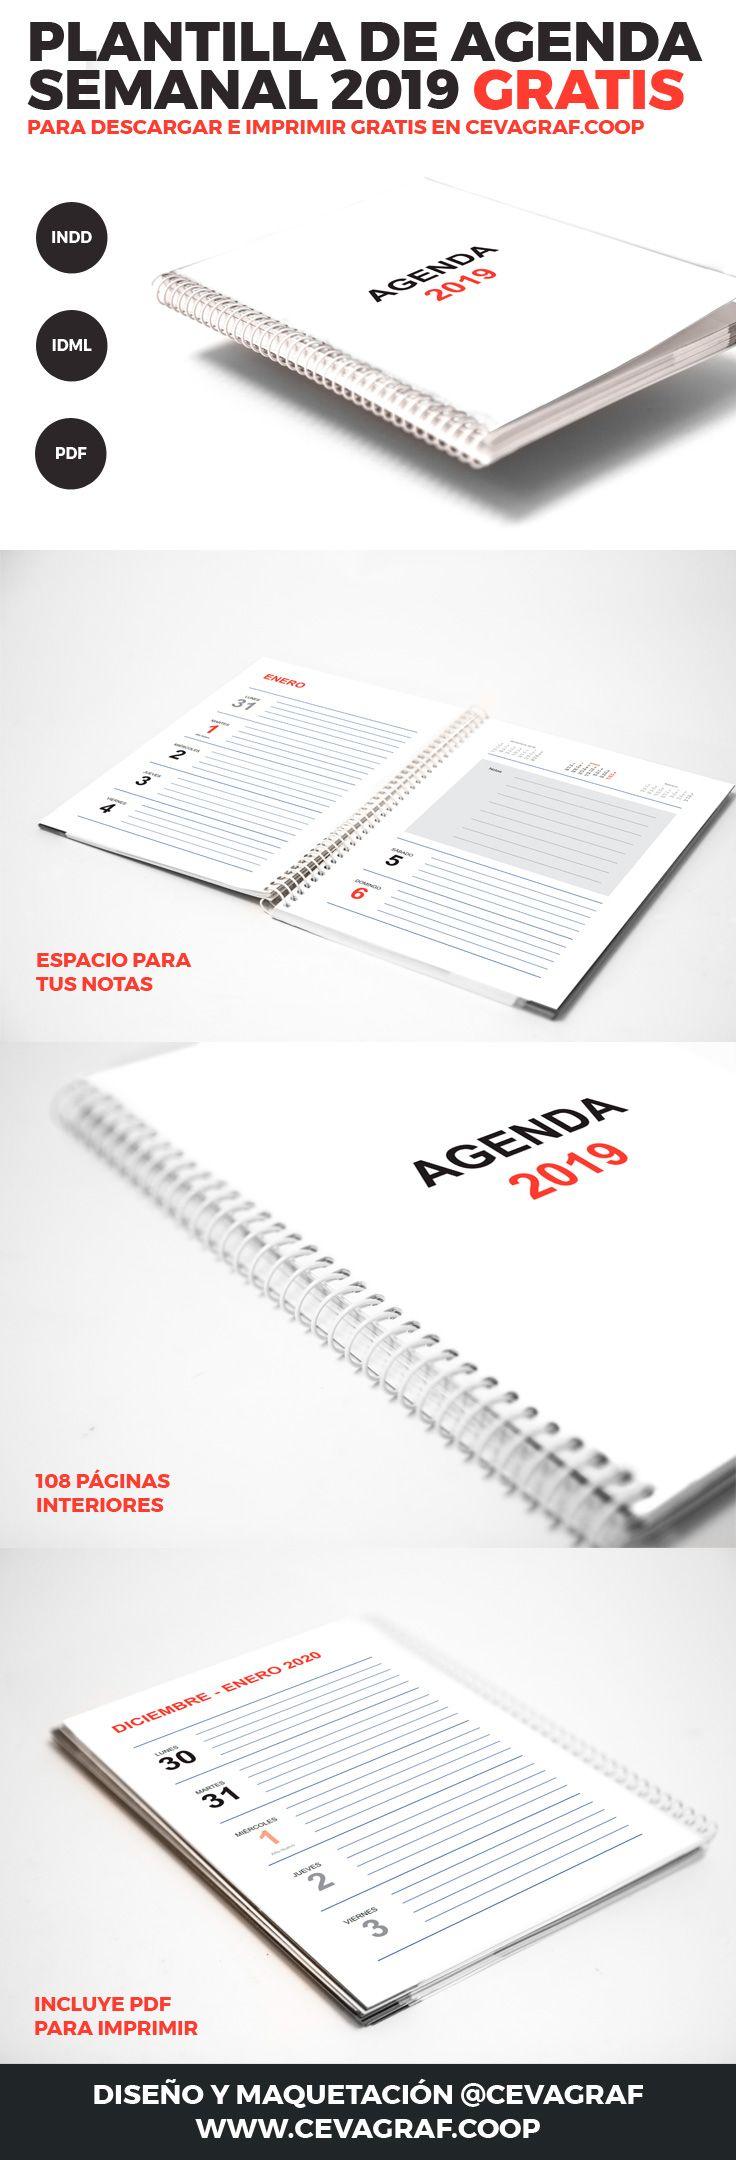 Agenda 2019 Plantilla Gratis para Imprimir | Agenda semanal, Agenda ...